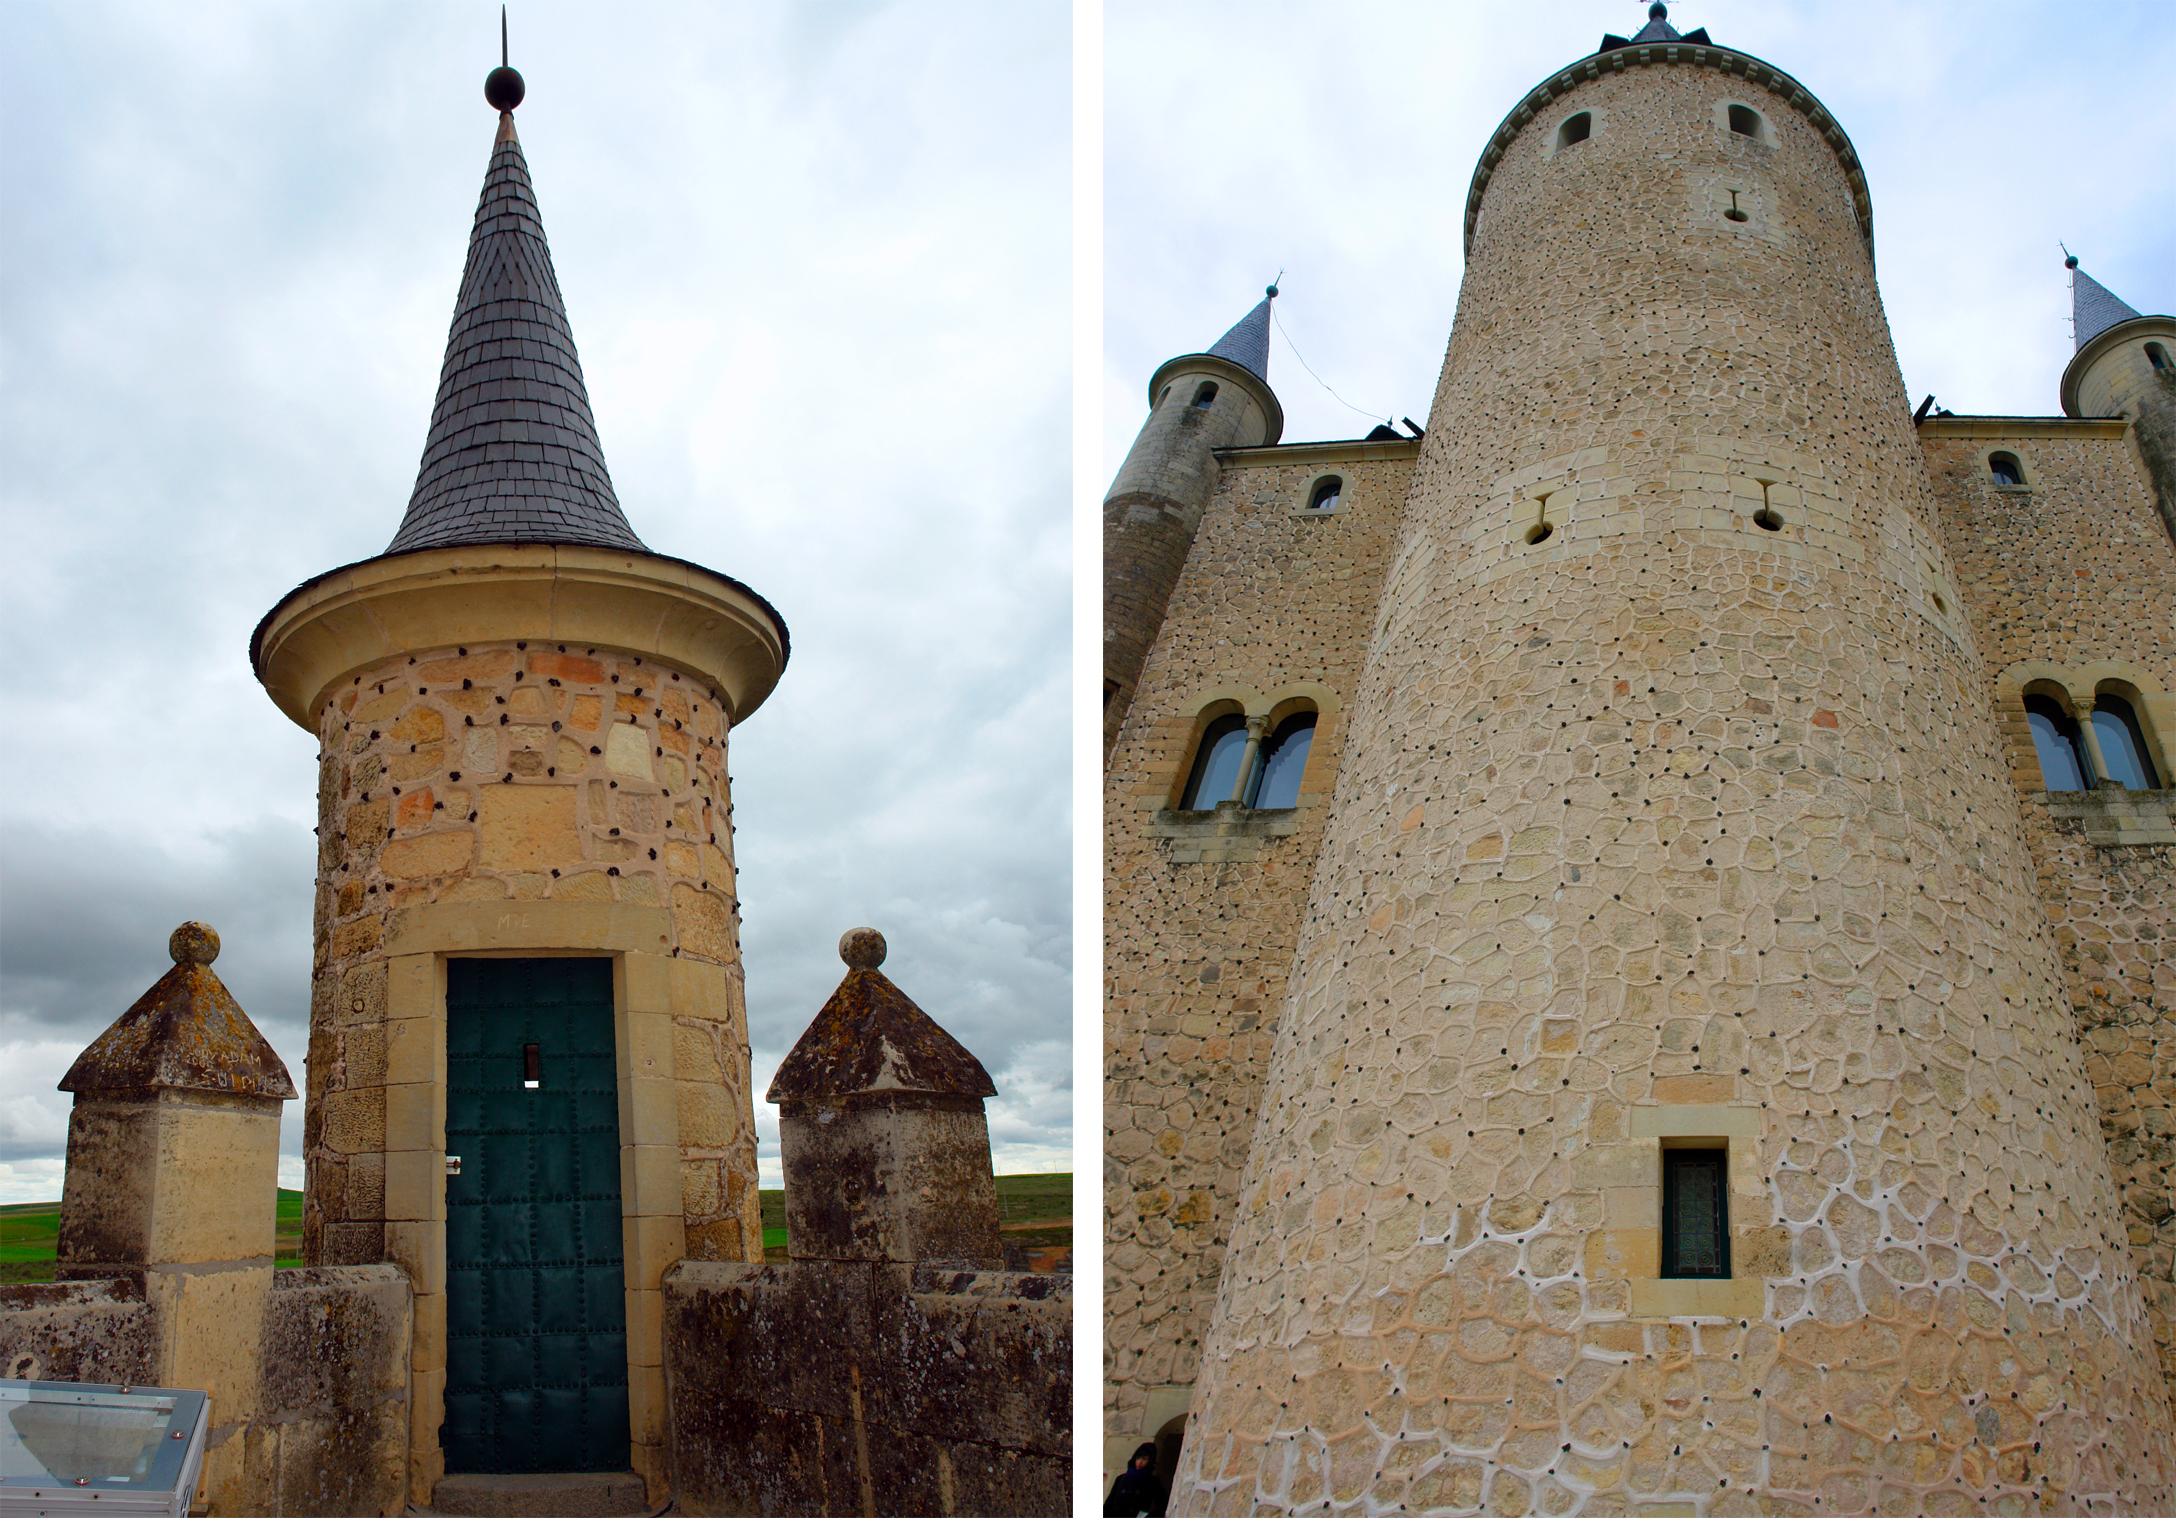 Qué ver Segovia, España qué ver en segovia - 31097730955 d916a2c18f o - Qué ver en Segovia, España